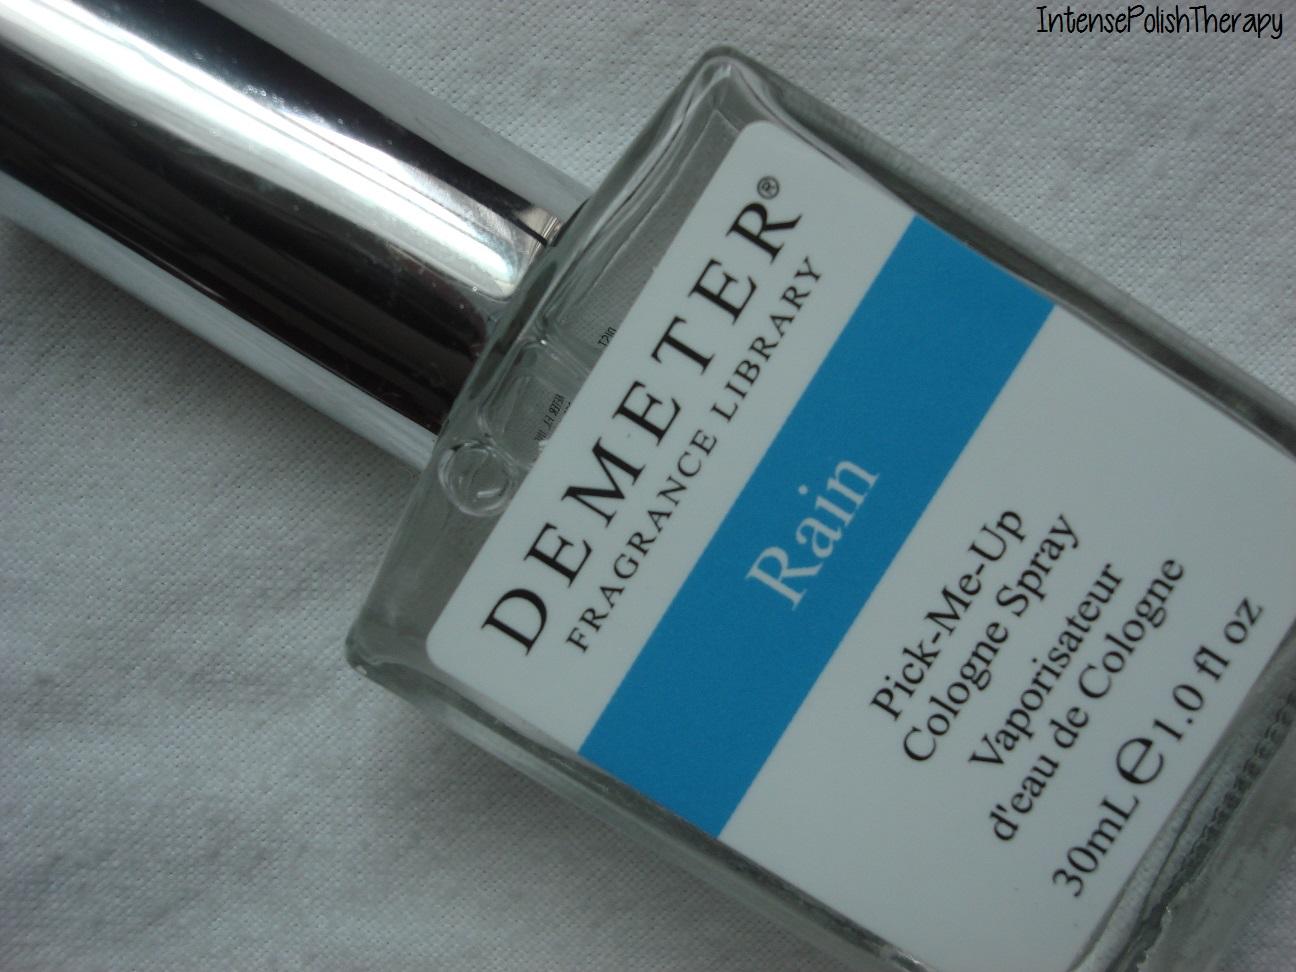 Demeter Fragrance Library - Rain